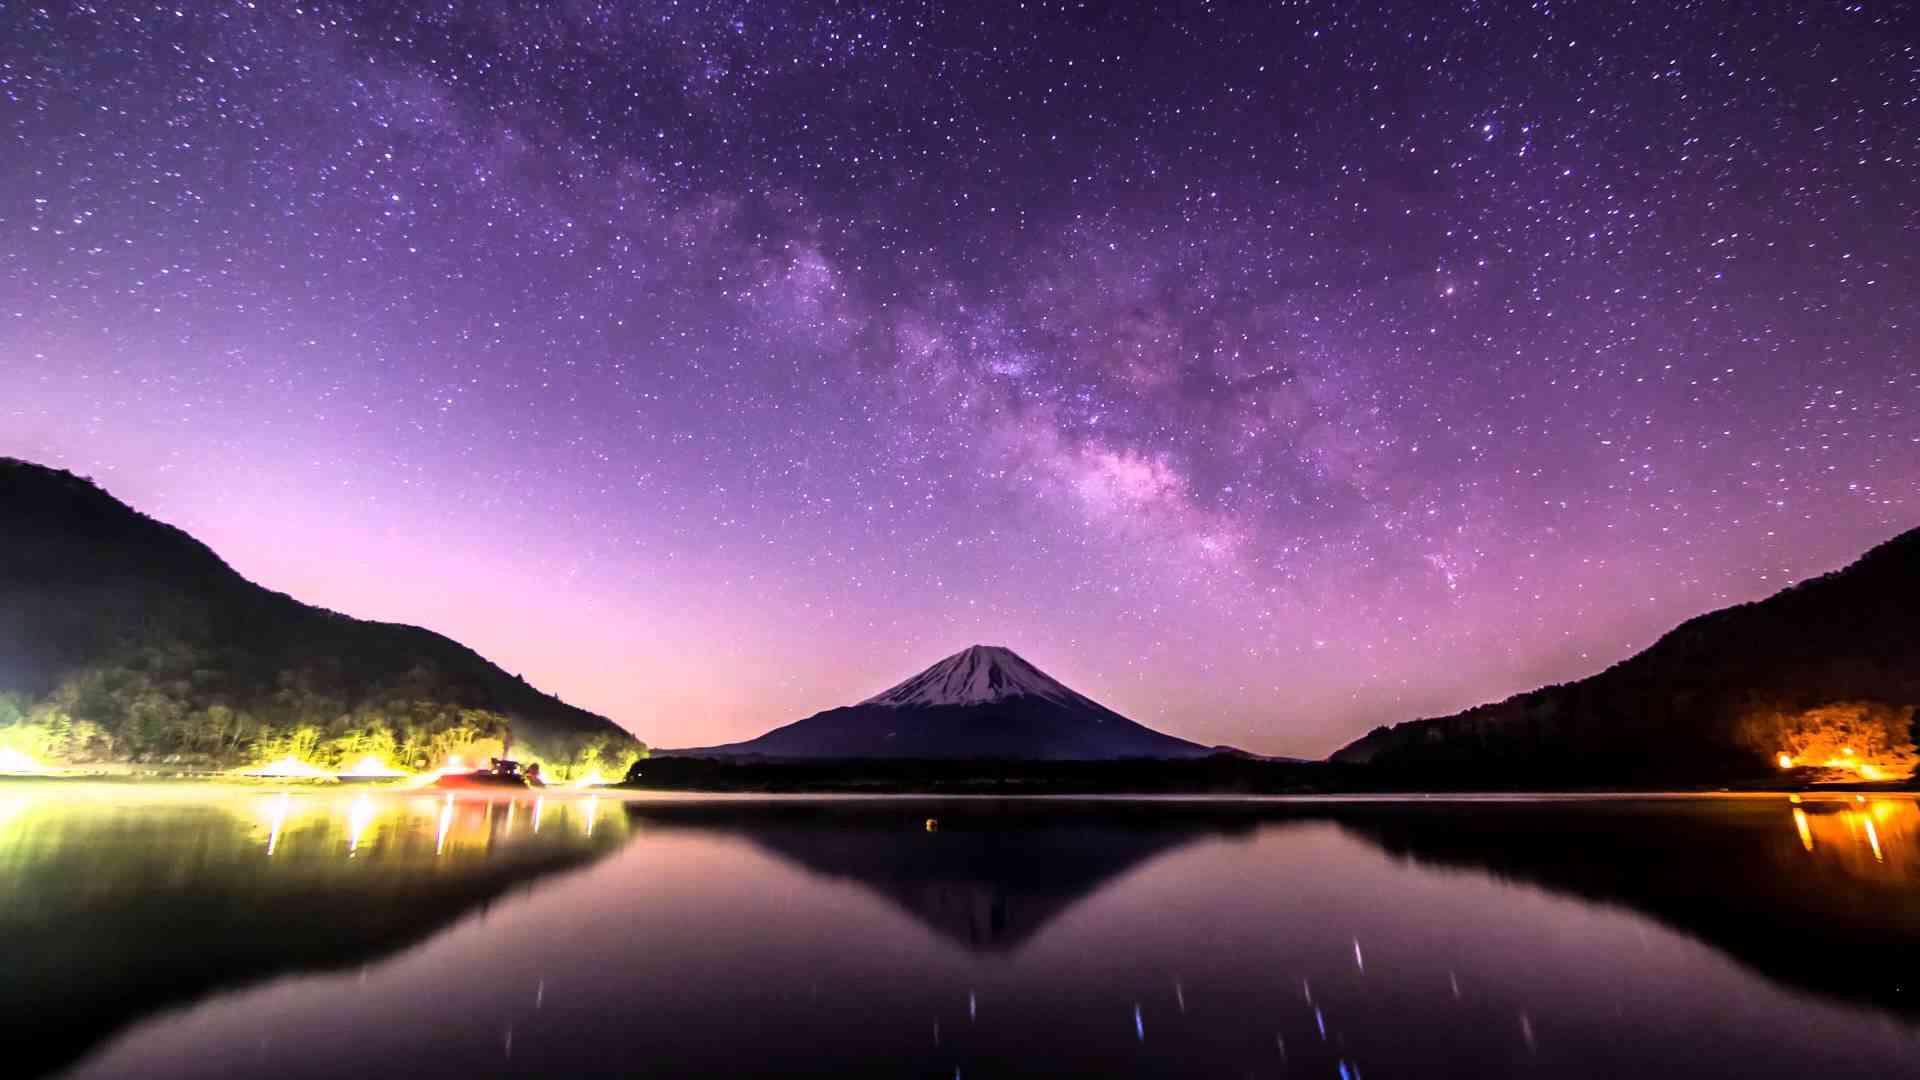 星空タイムラプス 4K☆富士山のある星景色☆#9 Mt.Fuji Starry Night timelapse Japan - YouTube